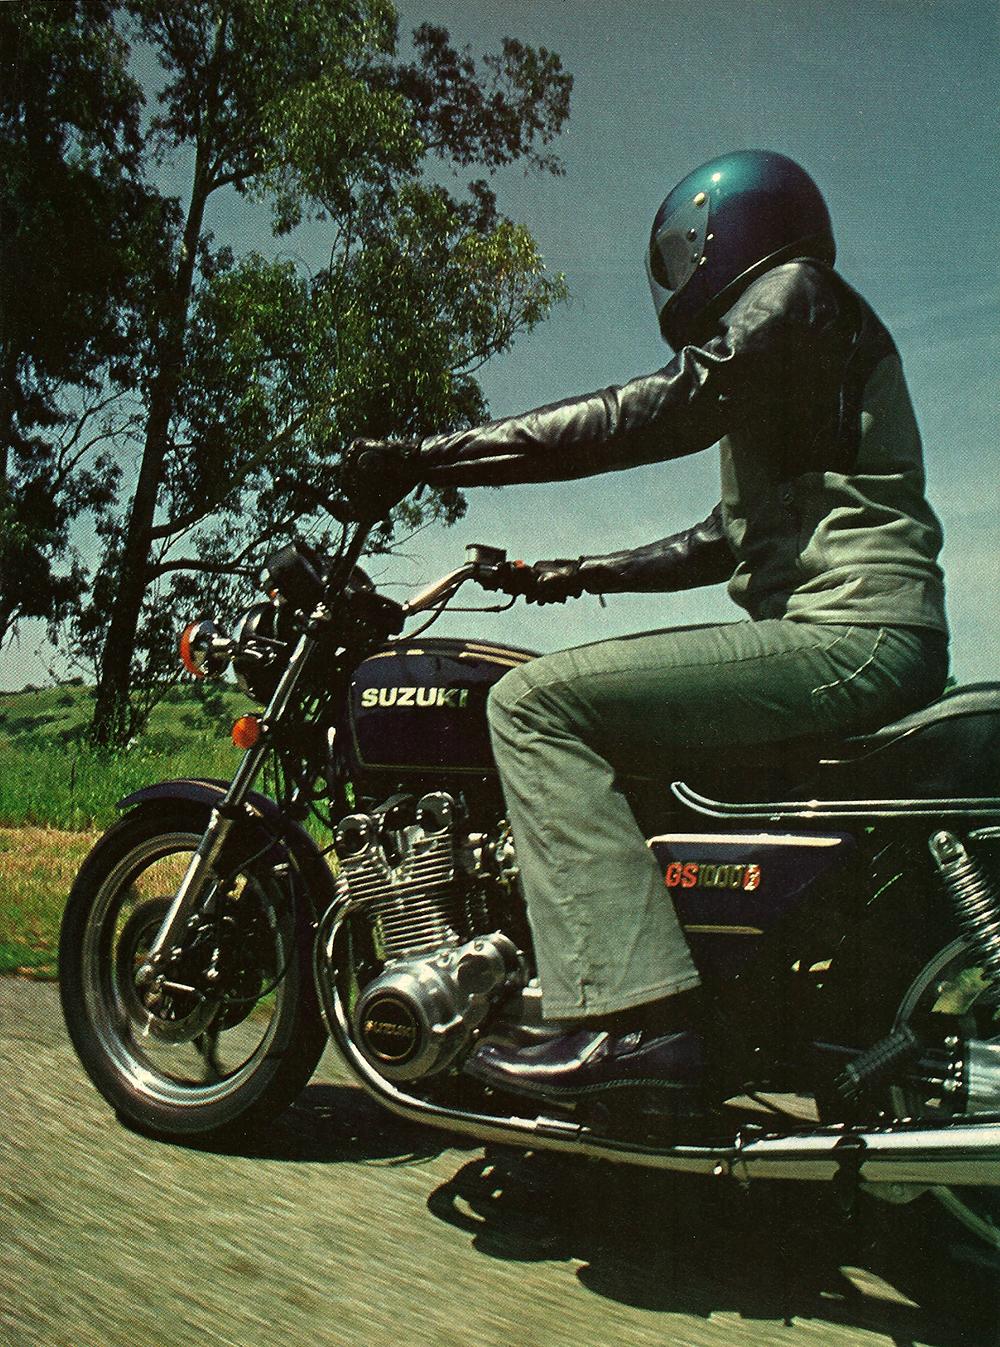 1980 Suzuki GS1000GT road test 2.jpg